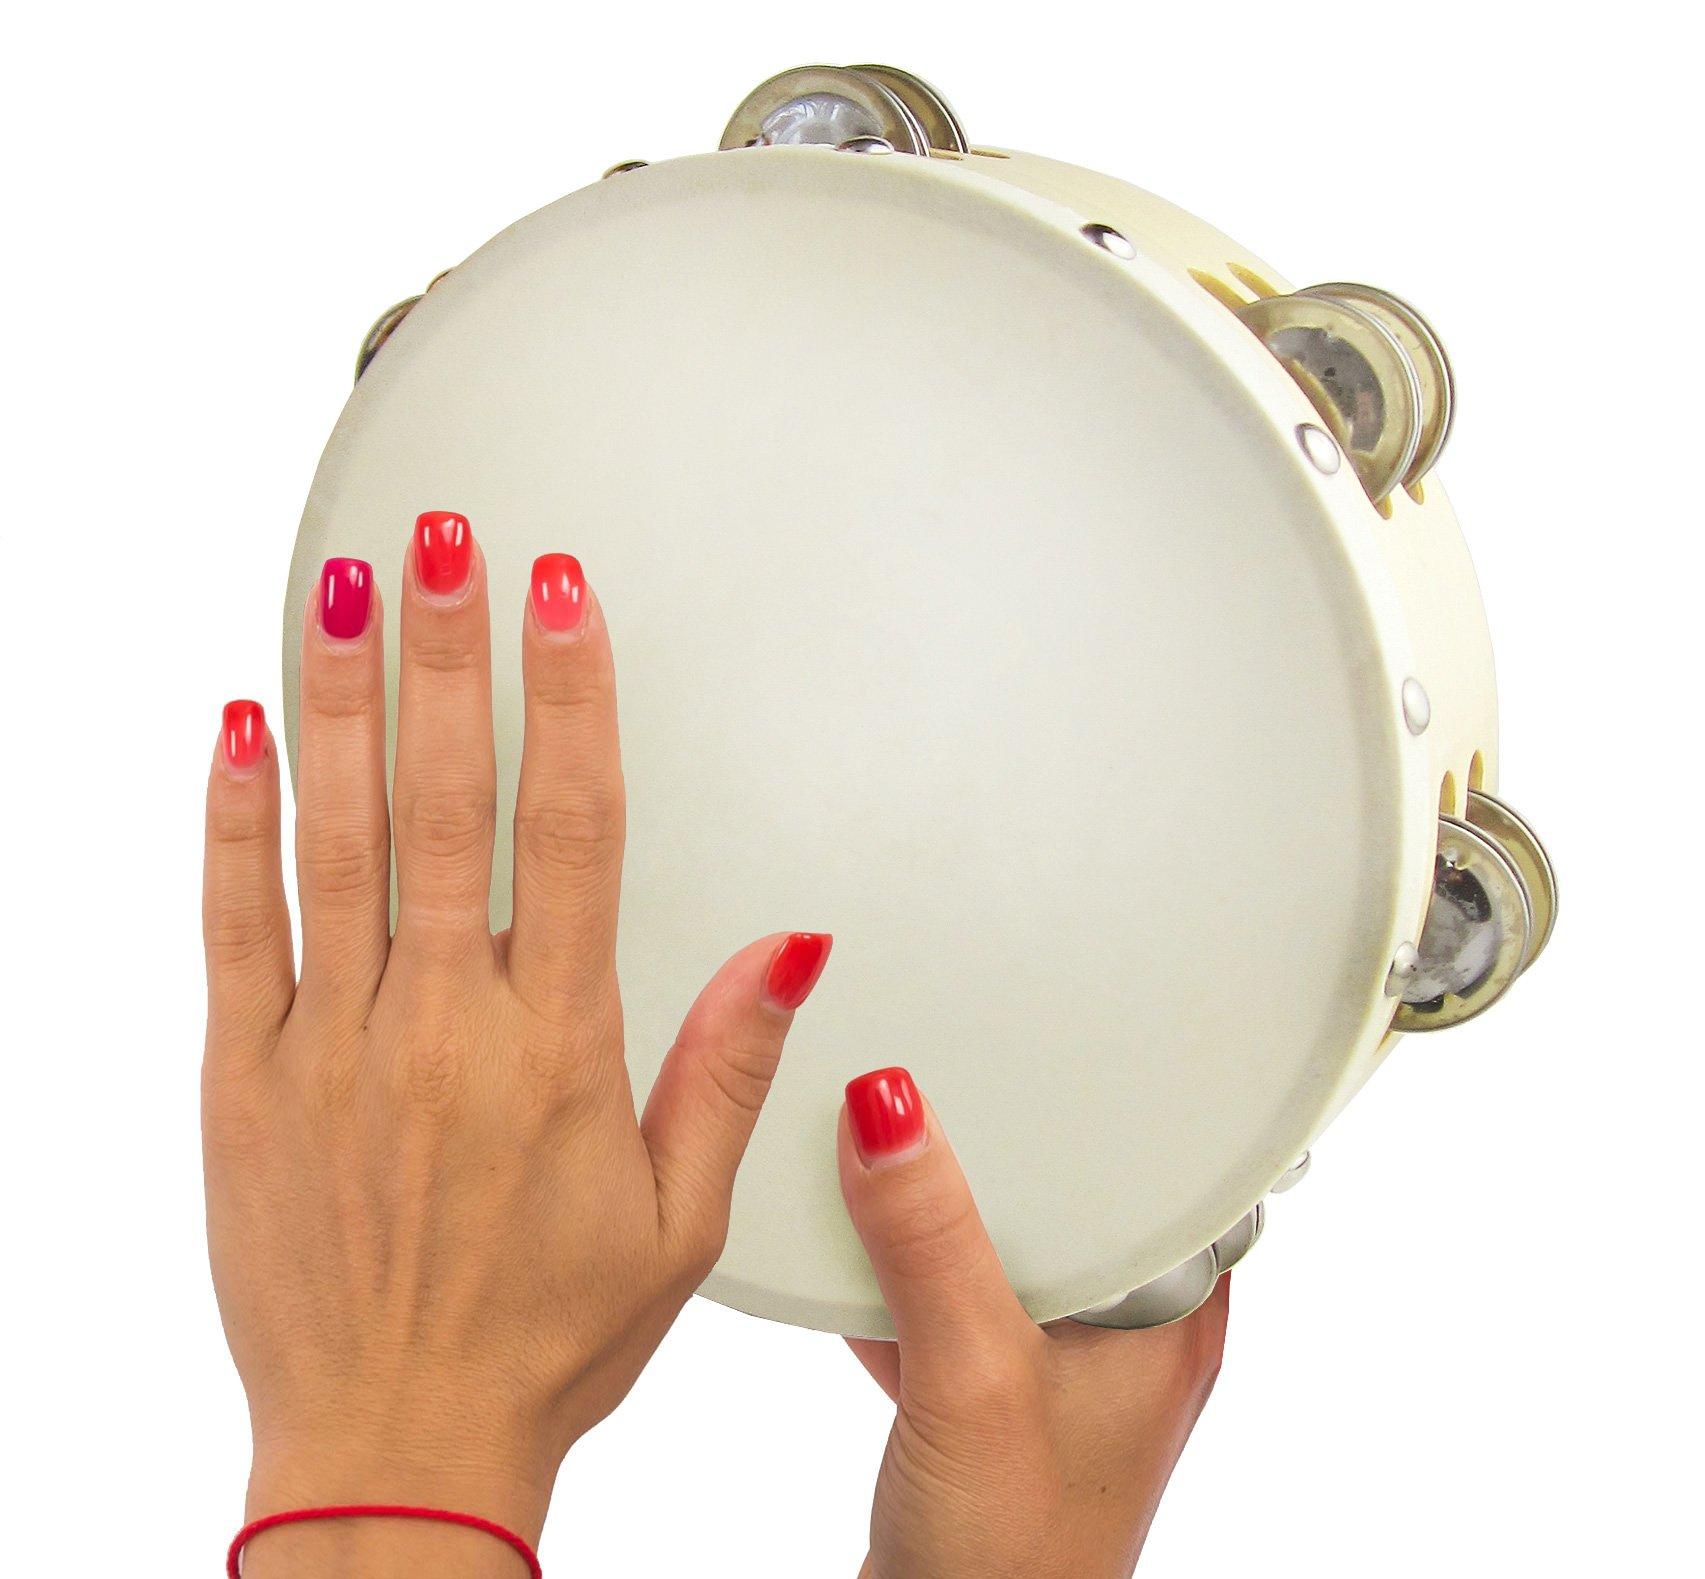 Double Row Jingle Tambourine 8 inch - Handheld Tamborine Drum for Church or Kids